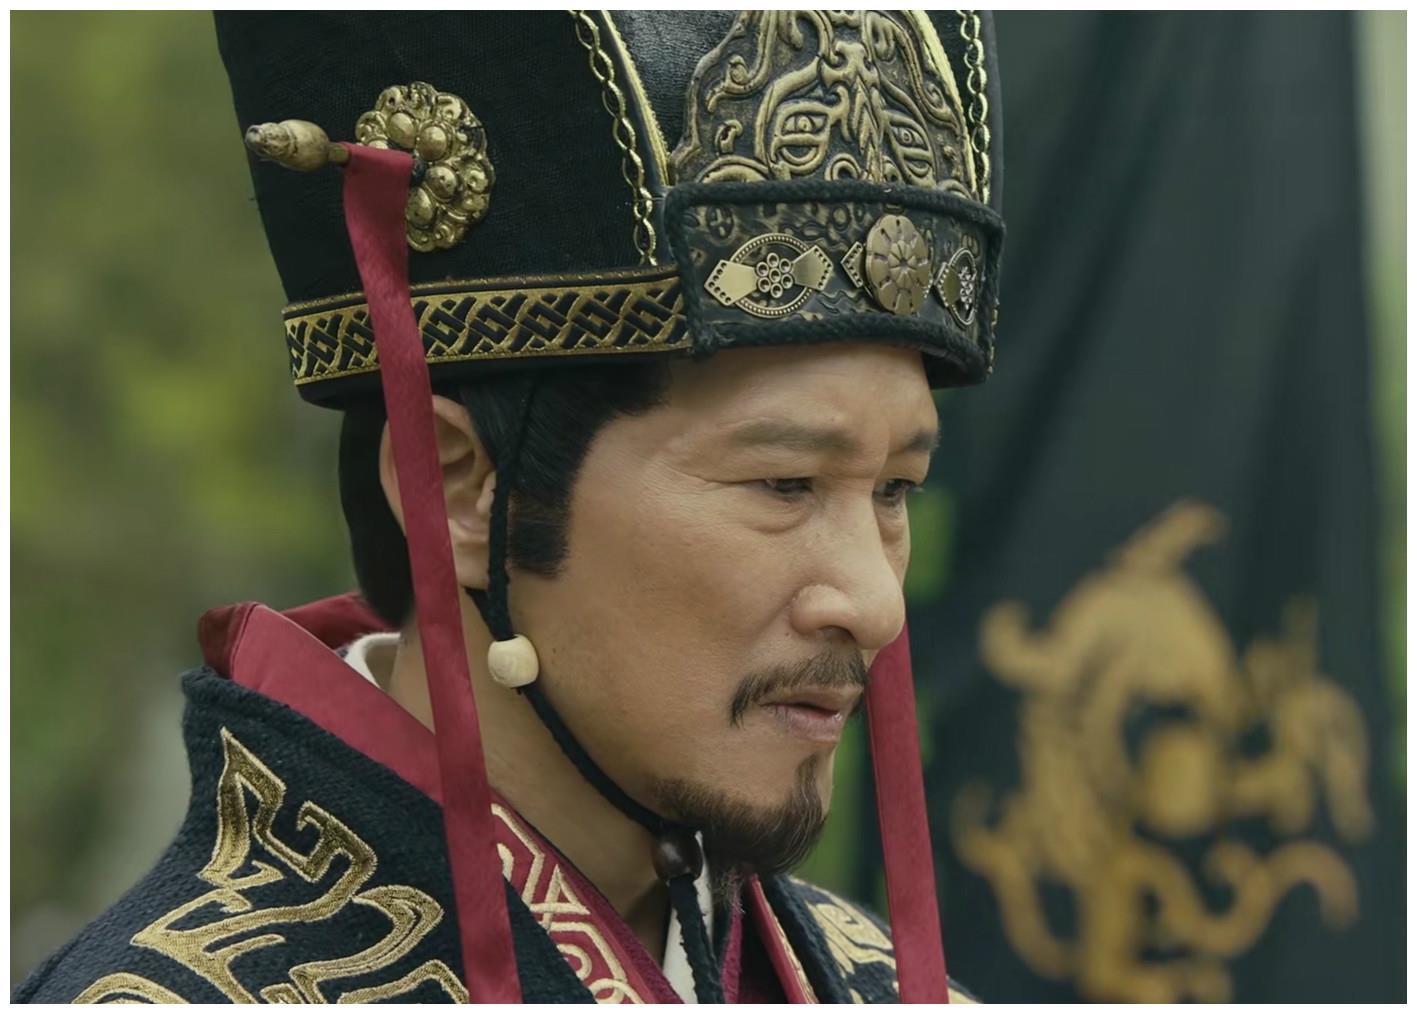 八虎骑战功赫赫,为何唯独虎豹骑统领曹纯未能配享曹魏太庙?